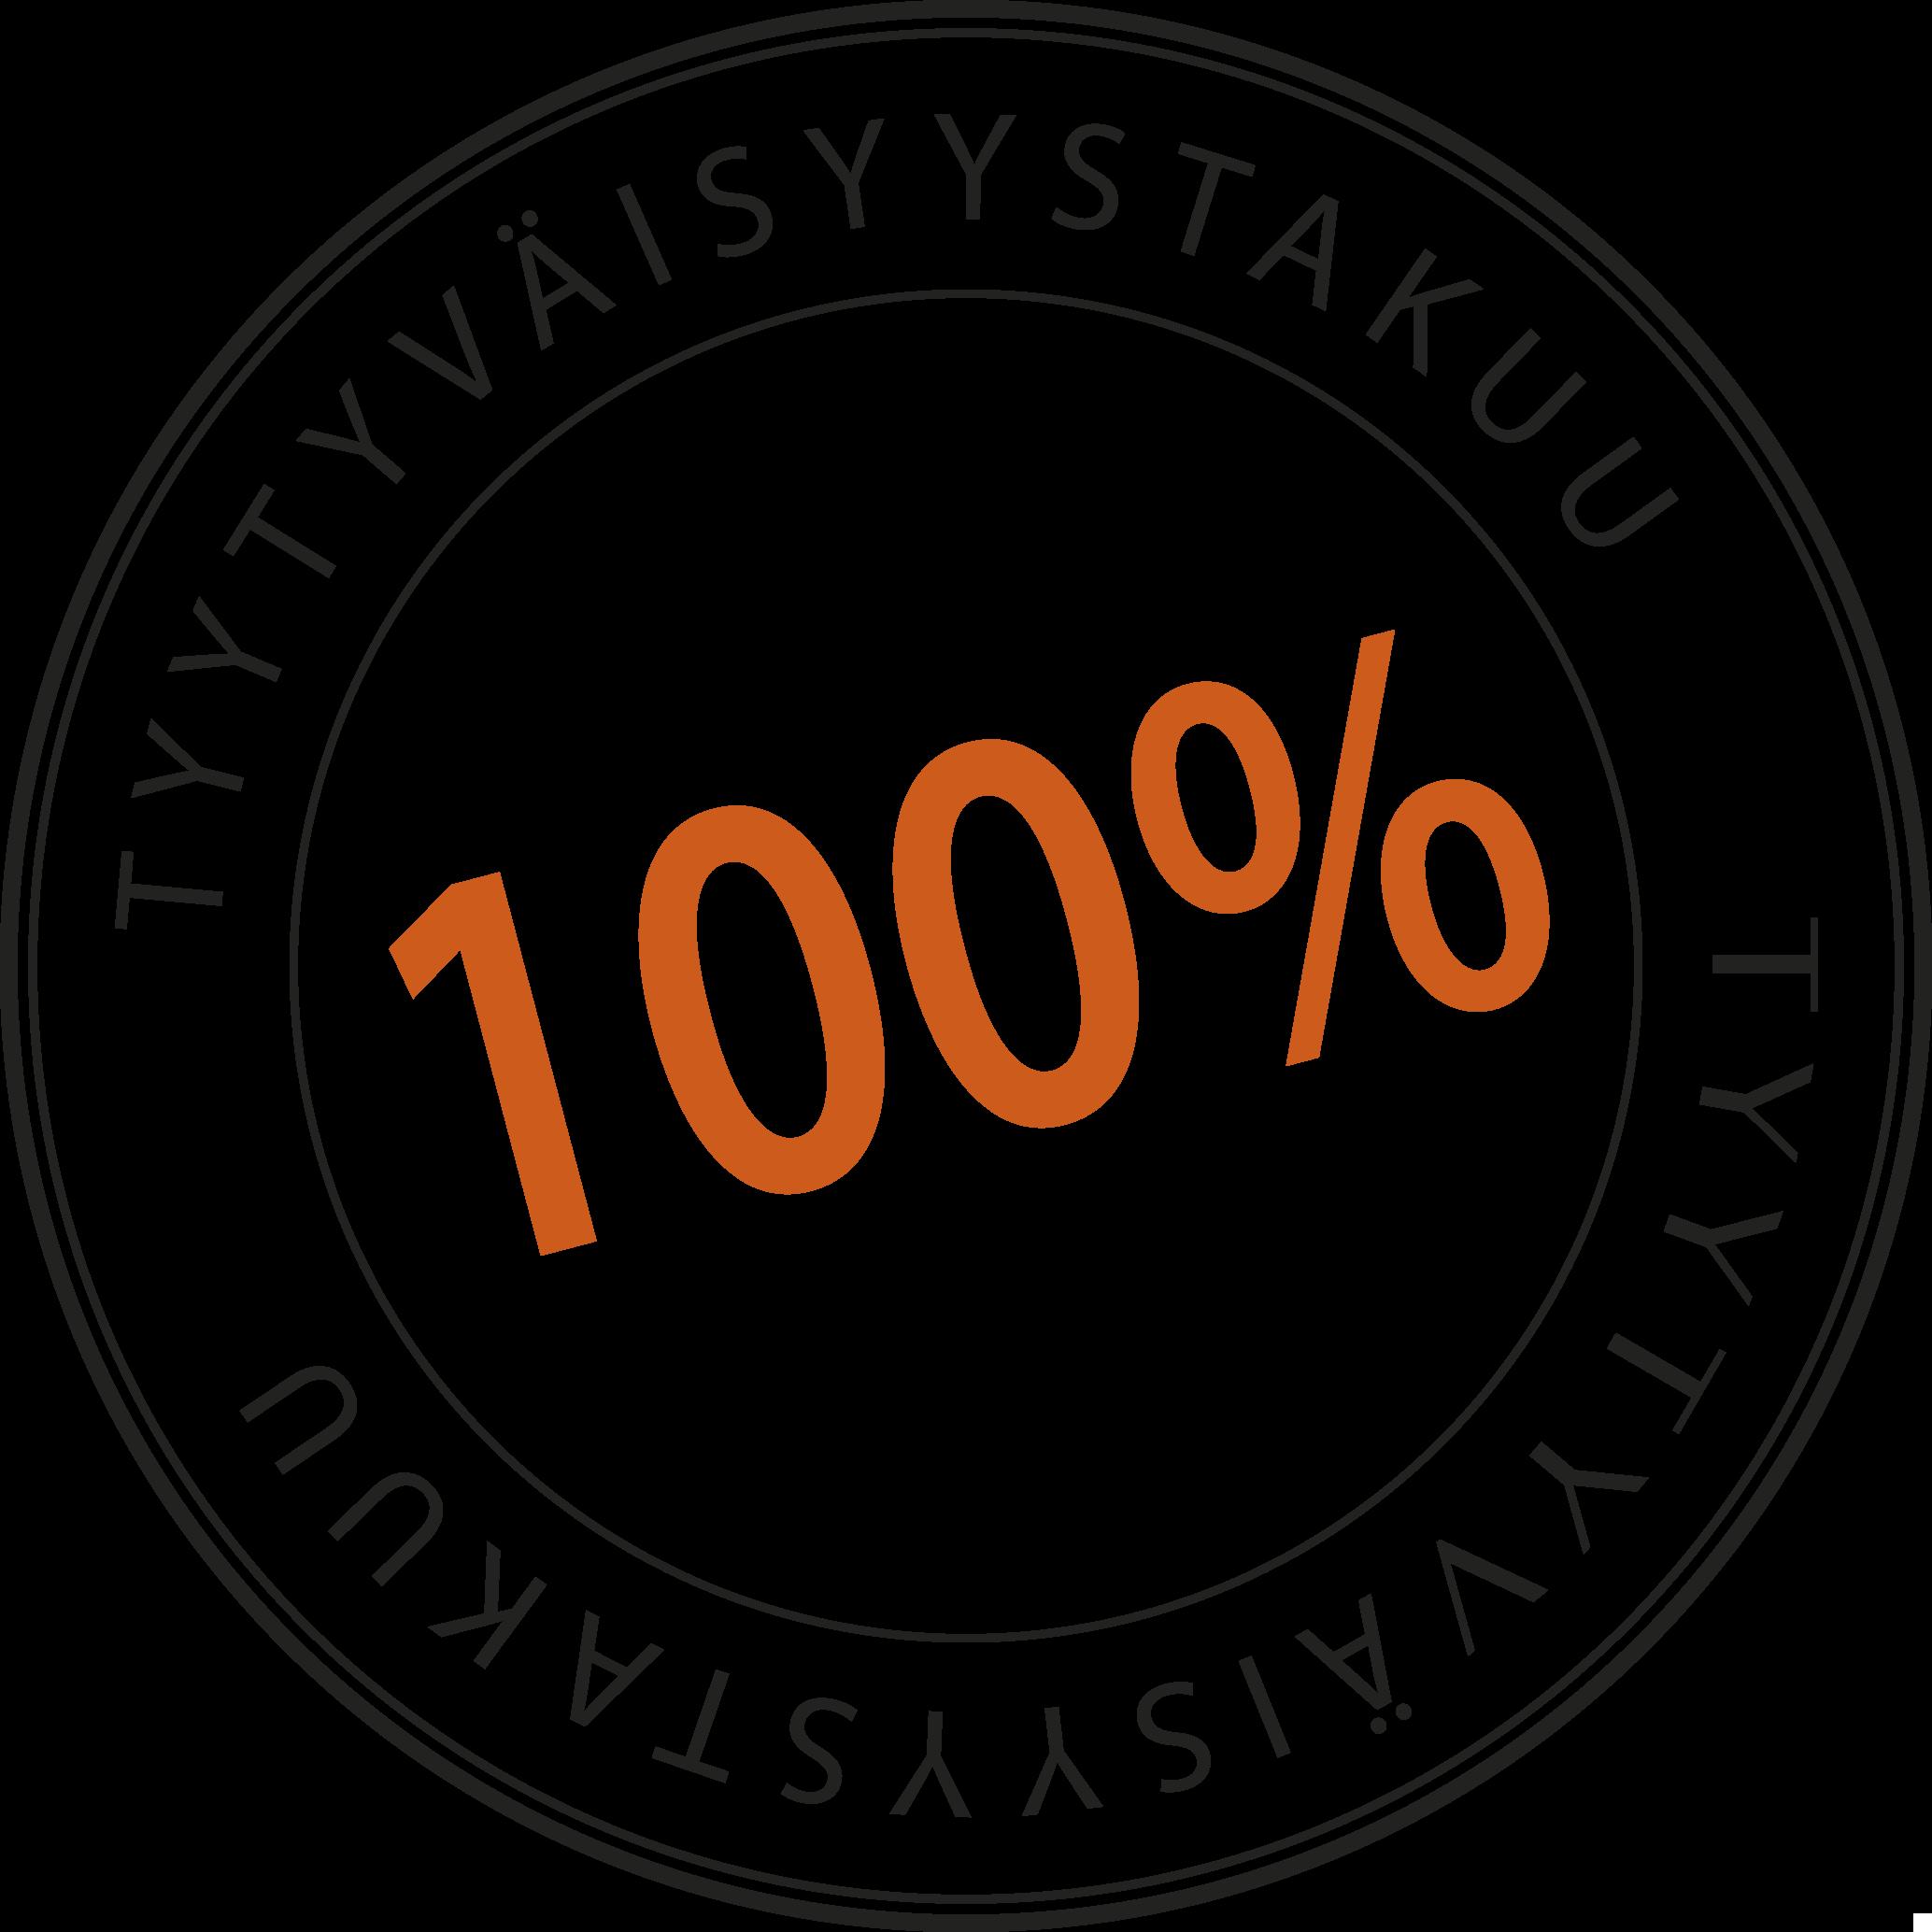 100% tyytyväisyystakuu